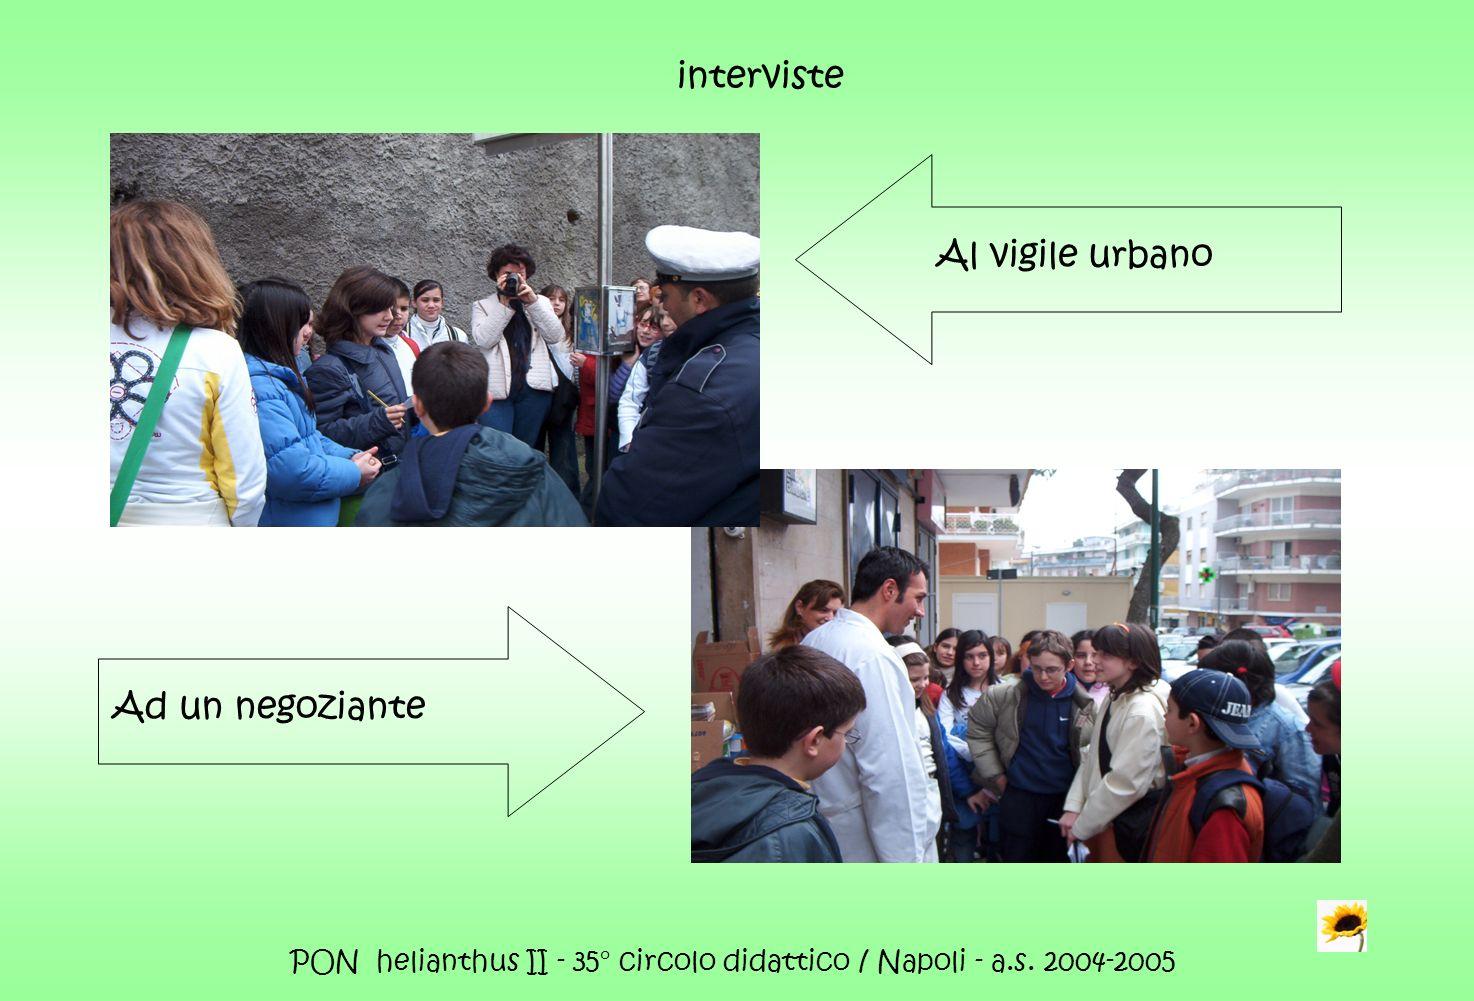 PON helianthus II - 35° circolo didattico / Napoli - a.s. 2004-2005 interviste Al vigile urbano Ad un negoziante